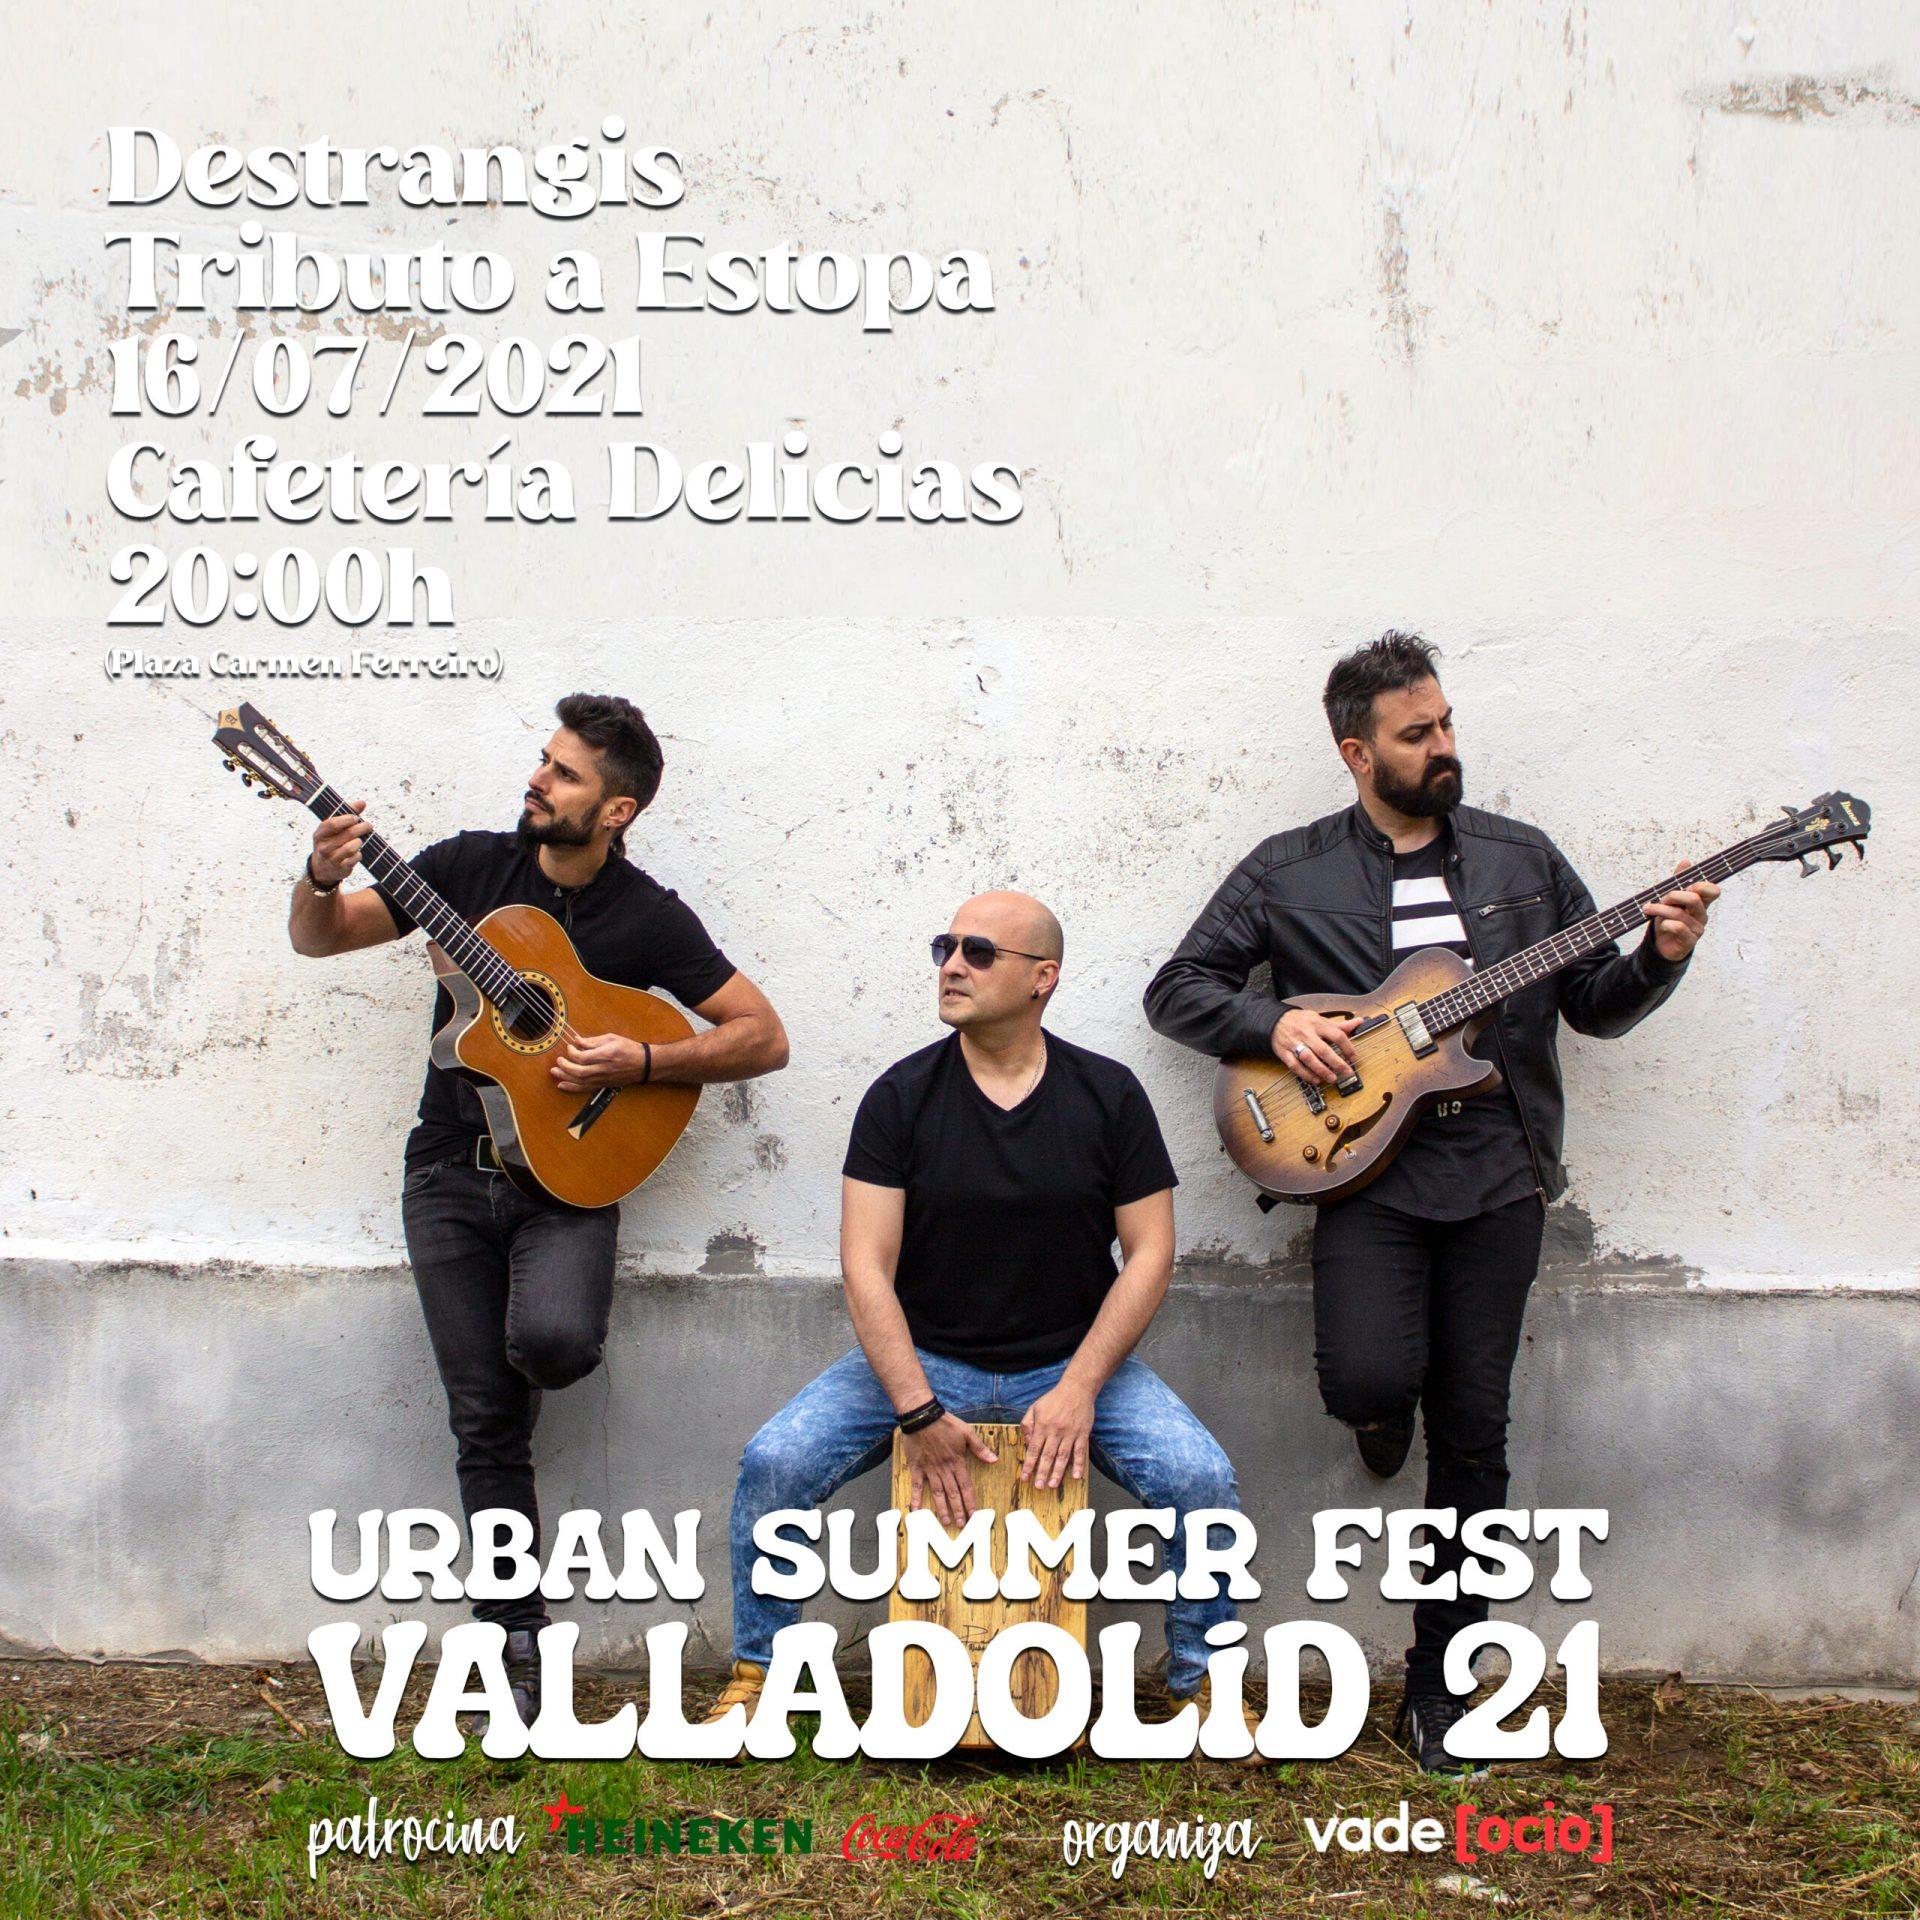 Concierto Destrangis # USFValladolid21